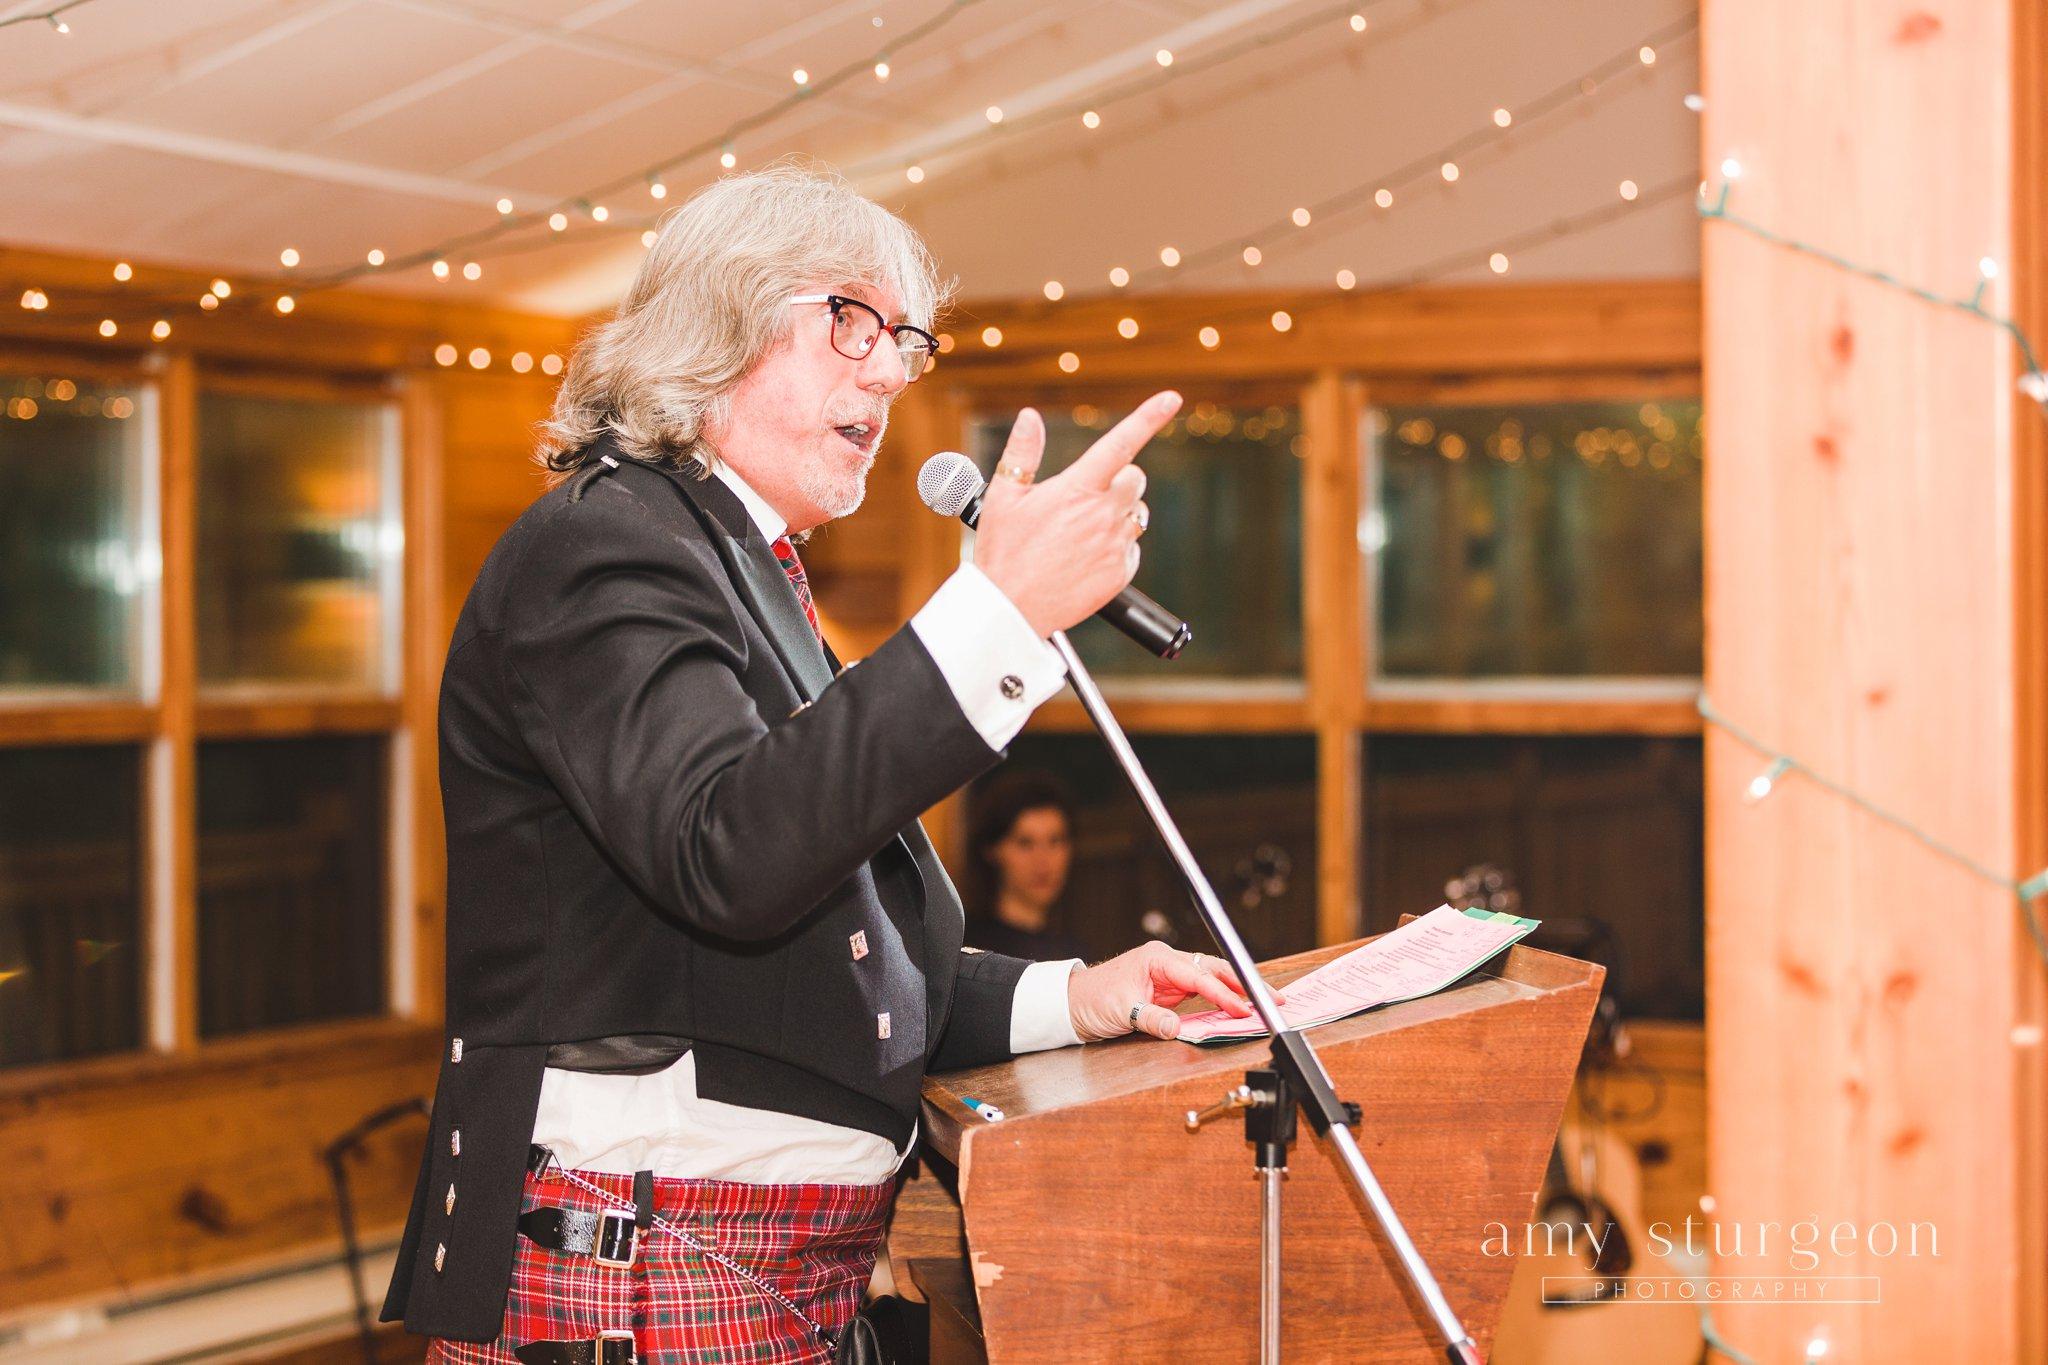 amy-sturgeon-photography_stonefields-wedding_ottawa_1335